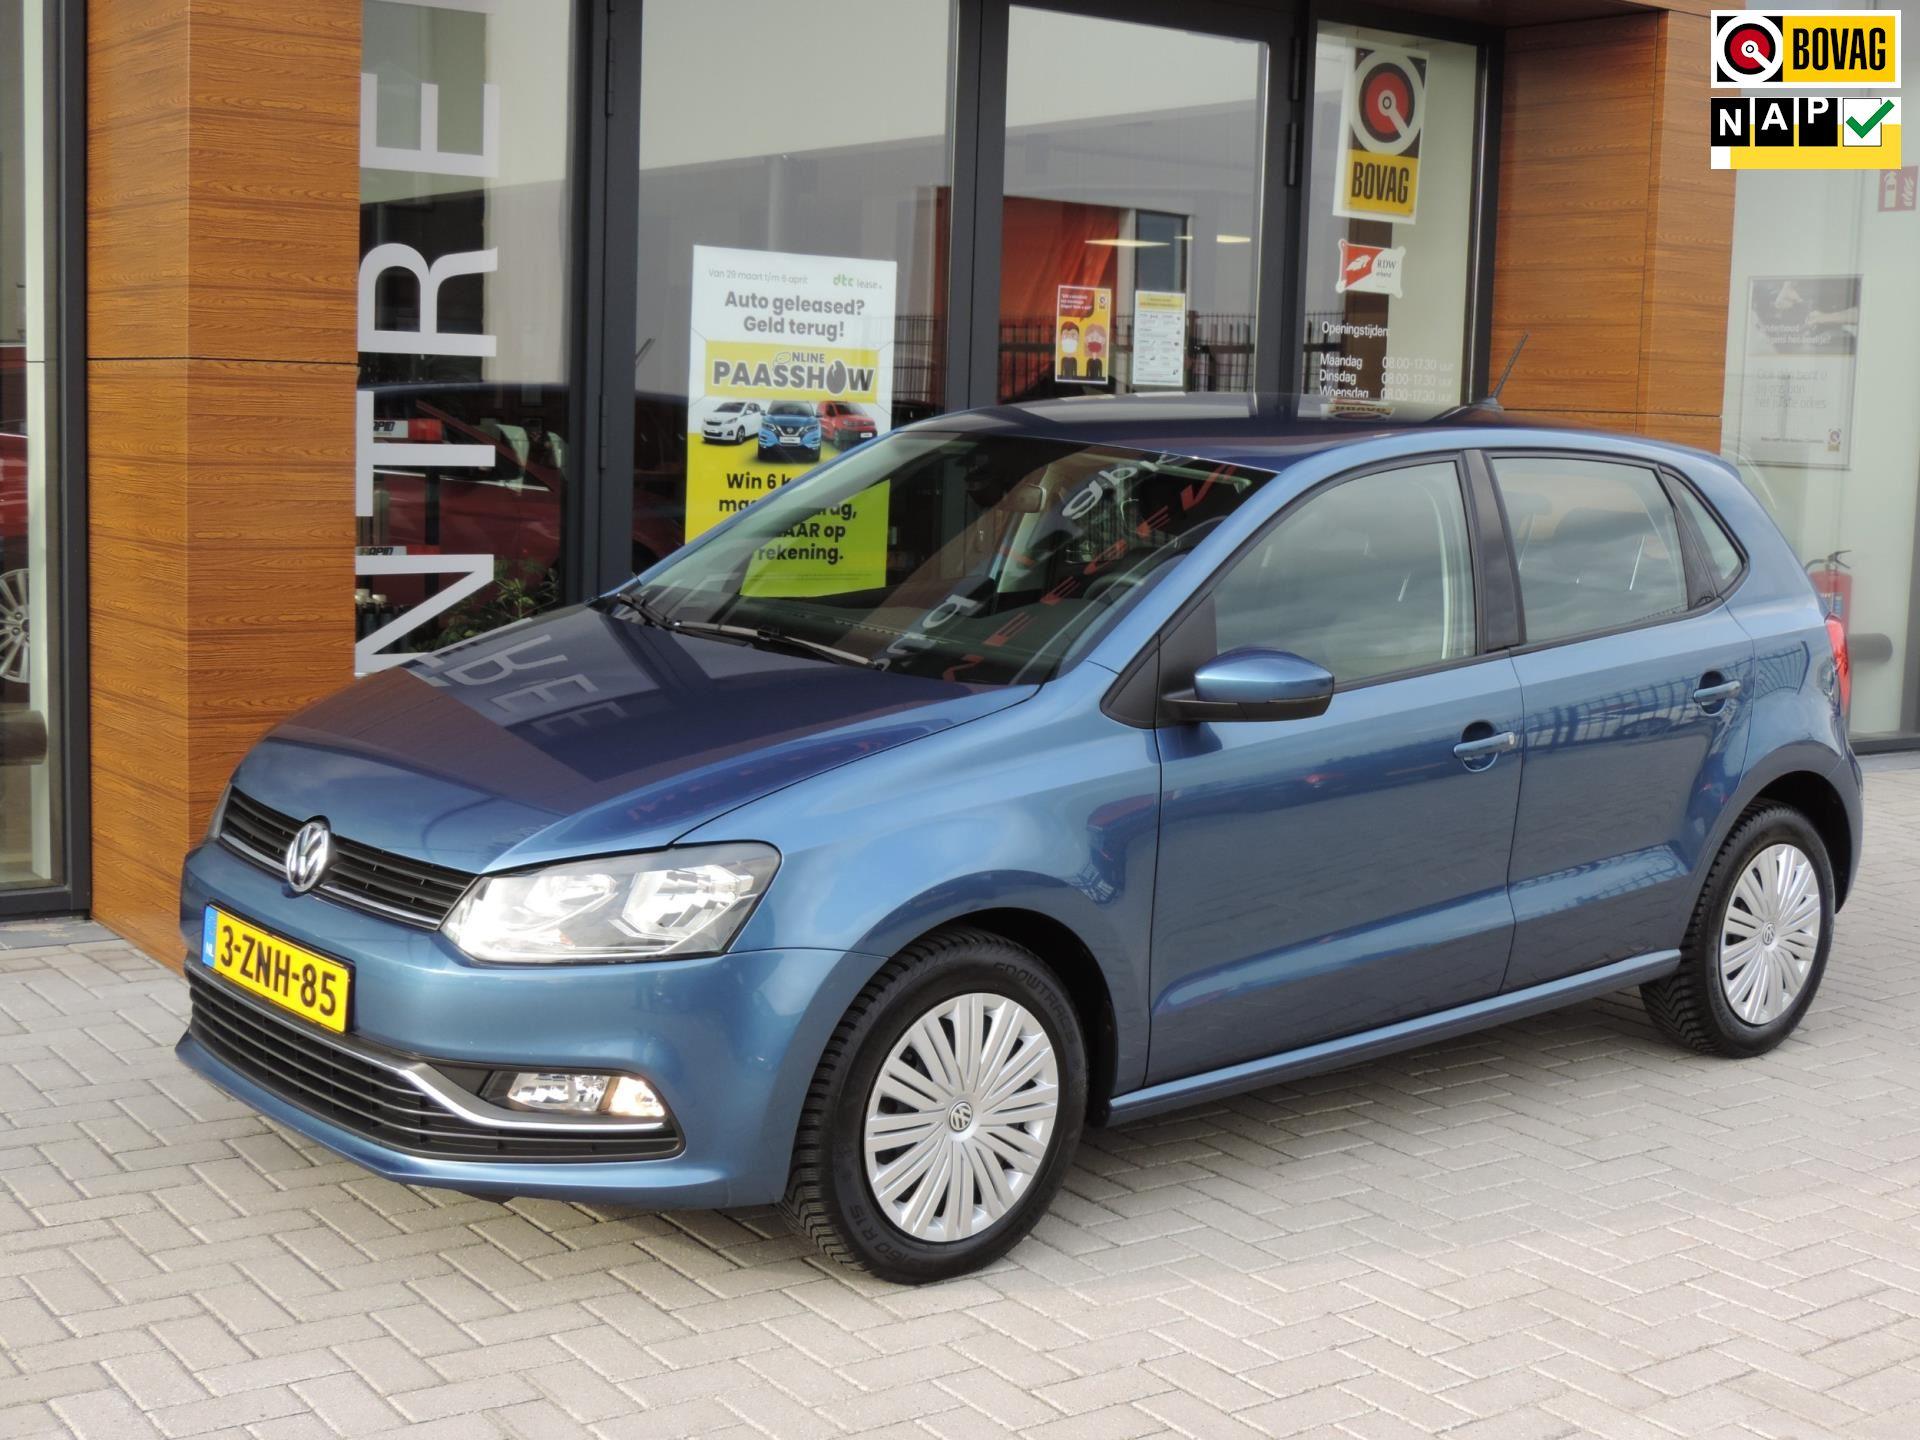 Volkswagen Polo occasion - Autobedrijf van Meegen